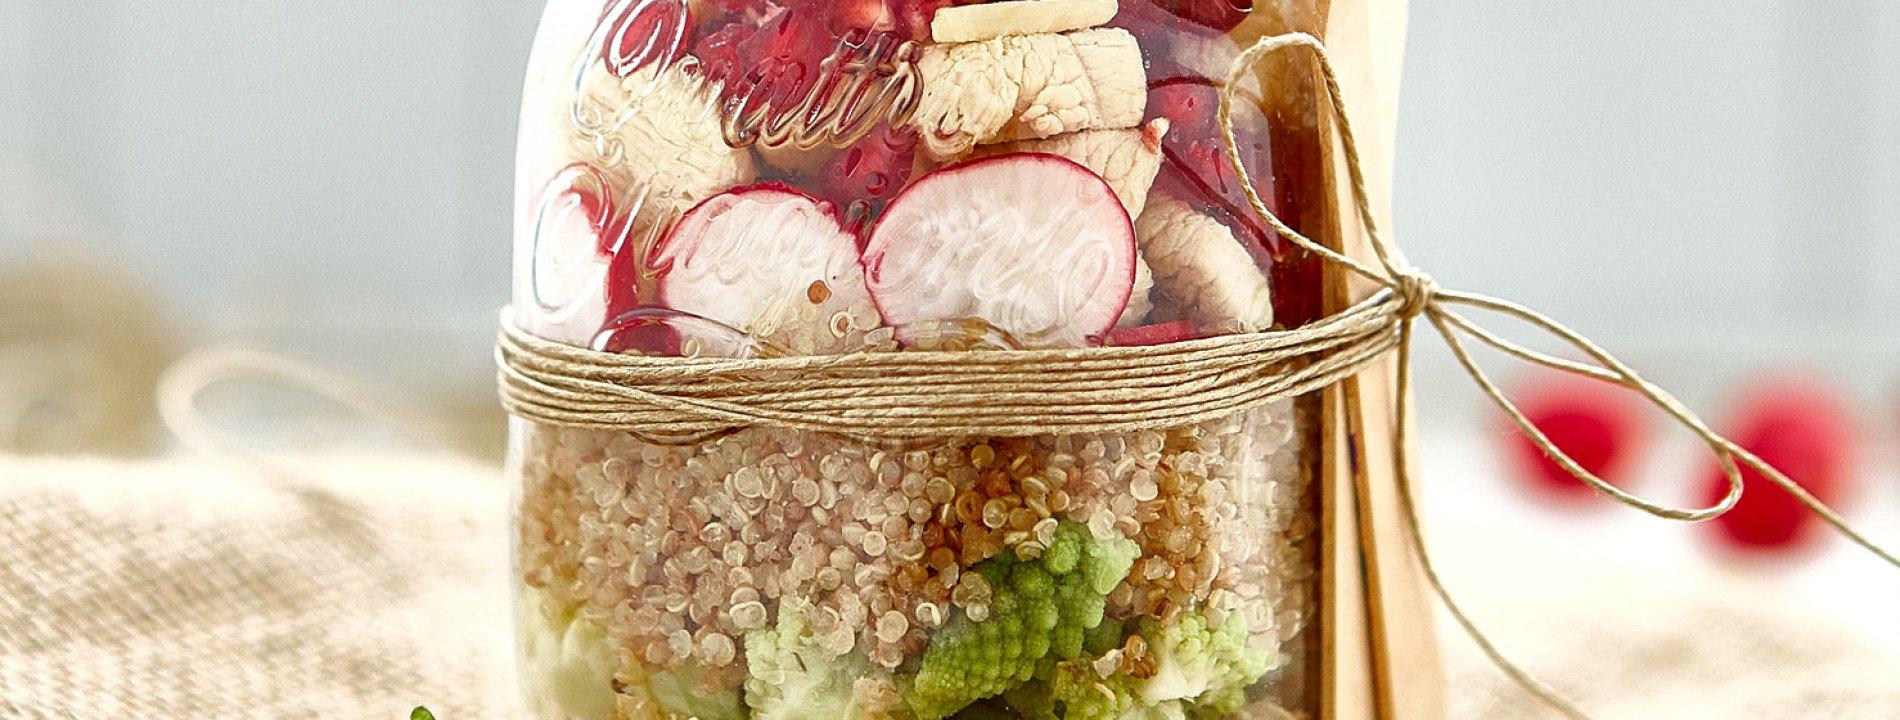 Quinoa, Chicken and Pomegranate Salad